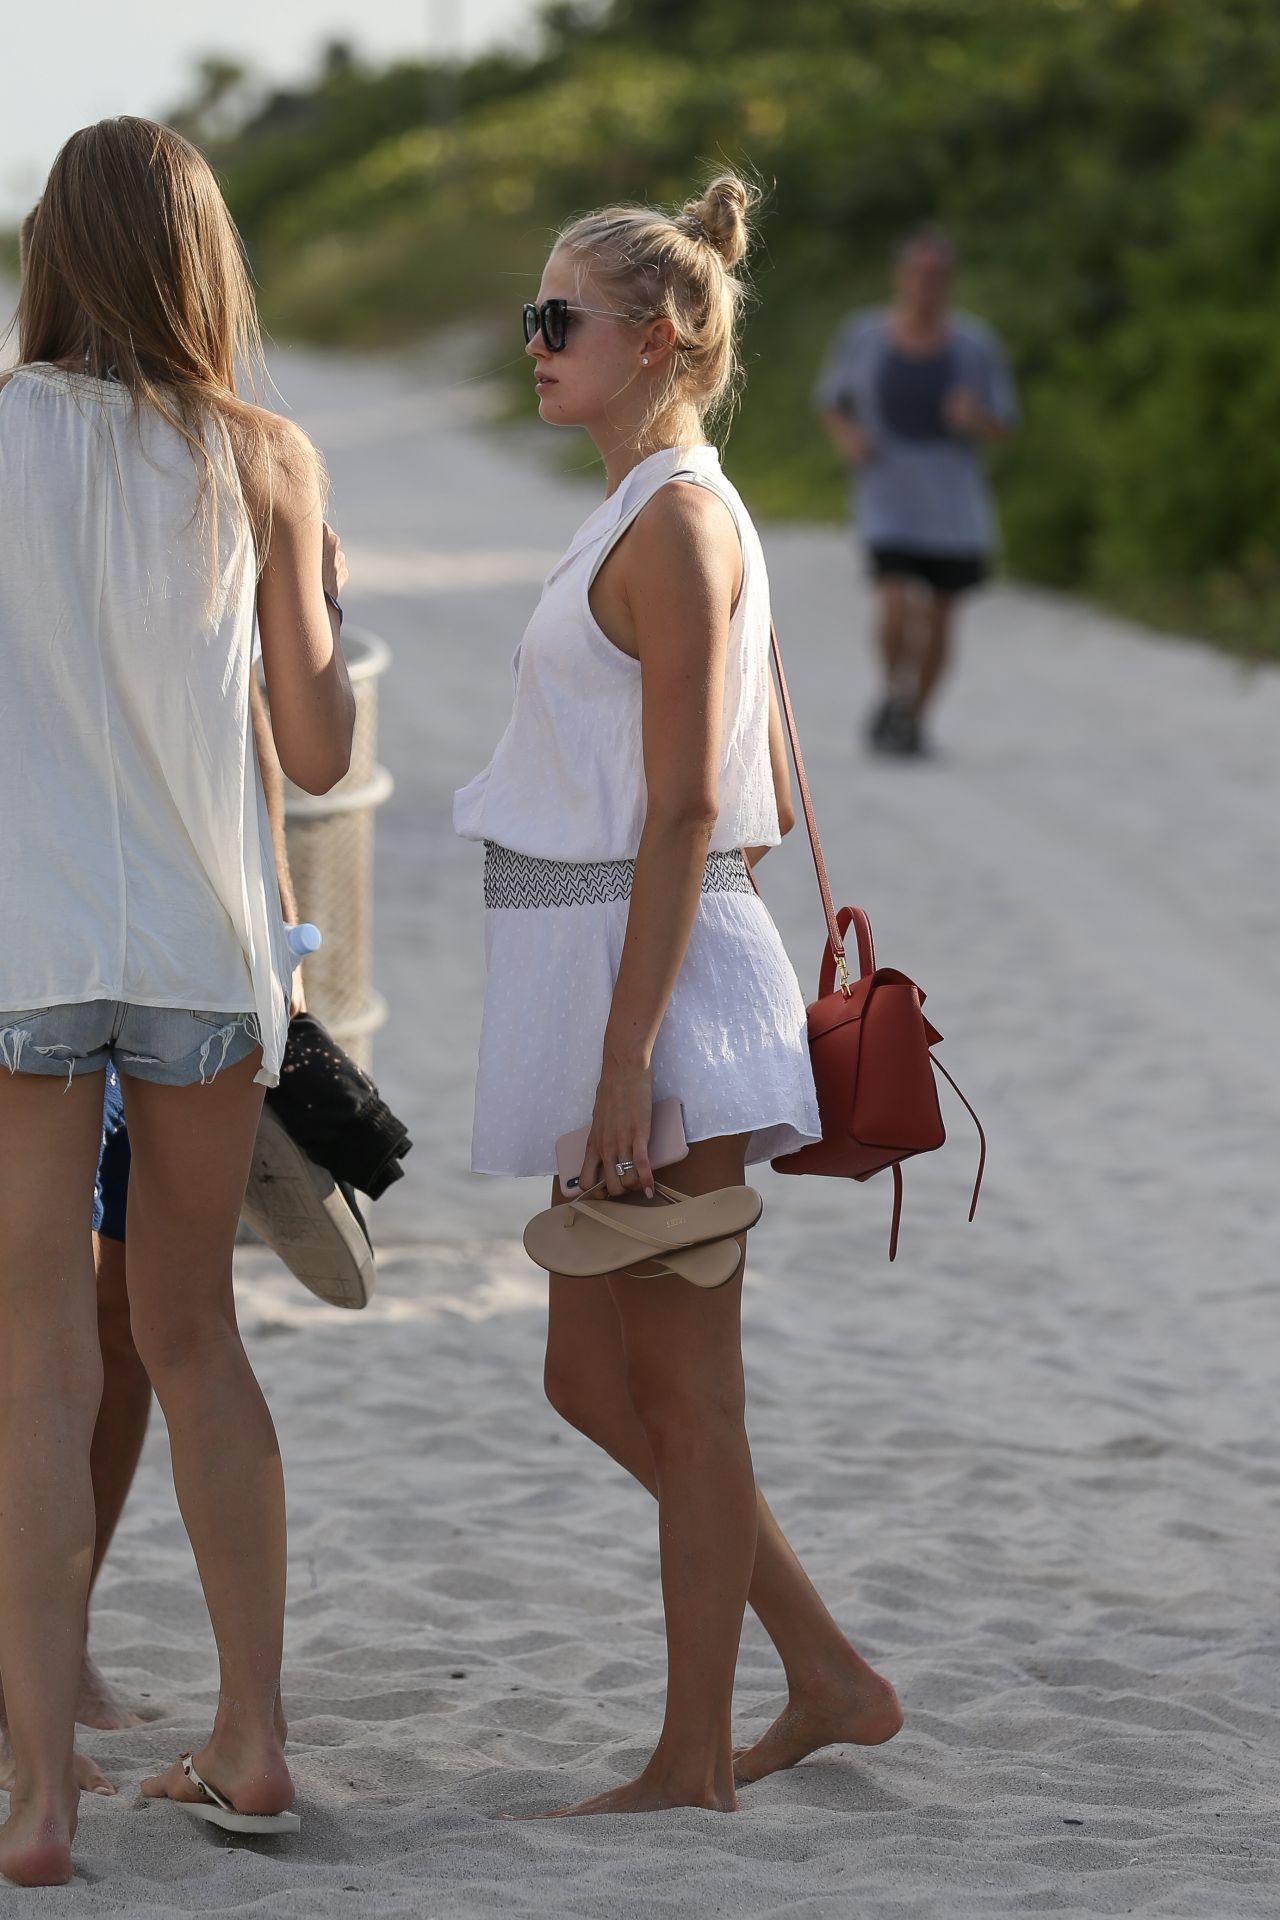 Dating vita a Miami servizio di incontri di testo gratuito